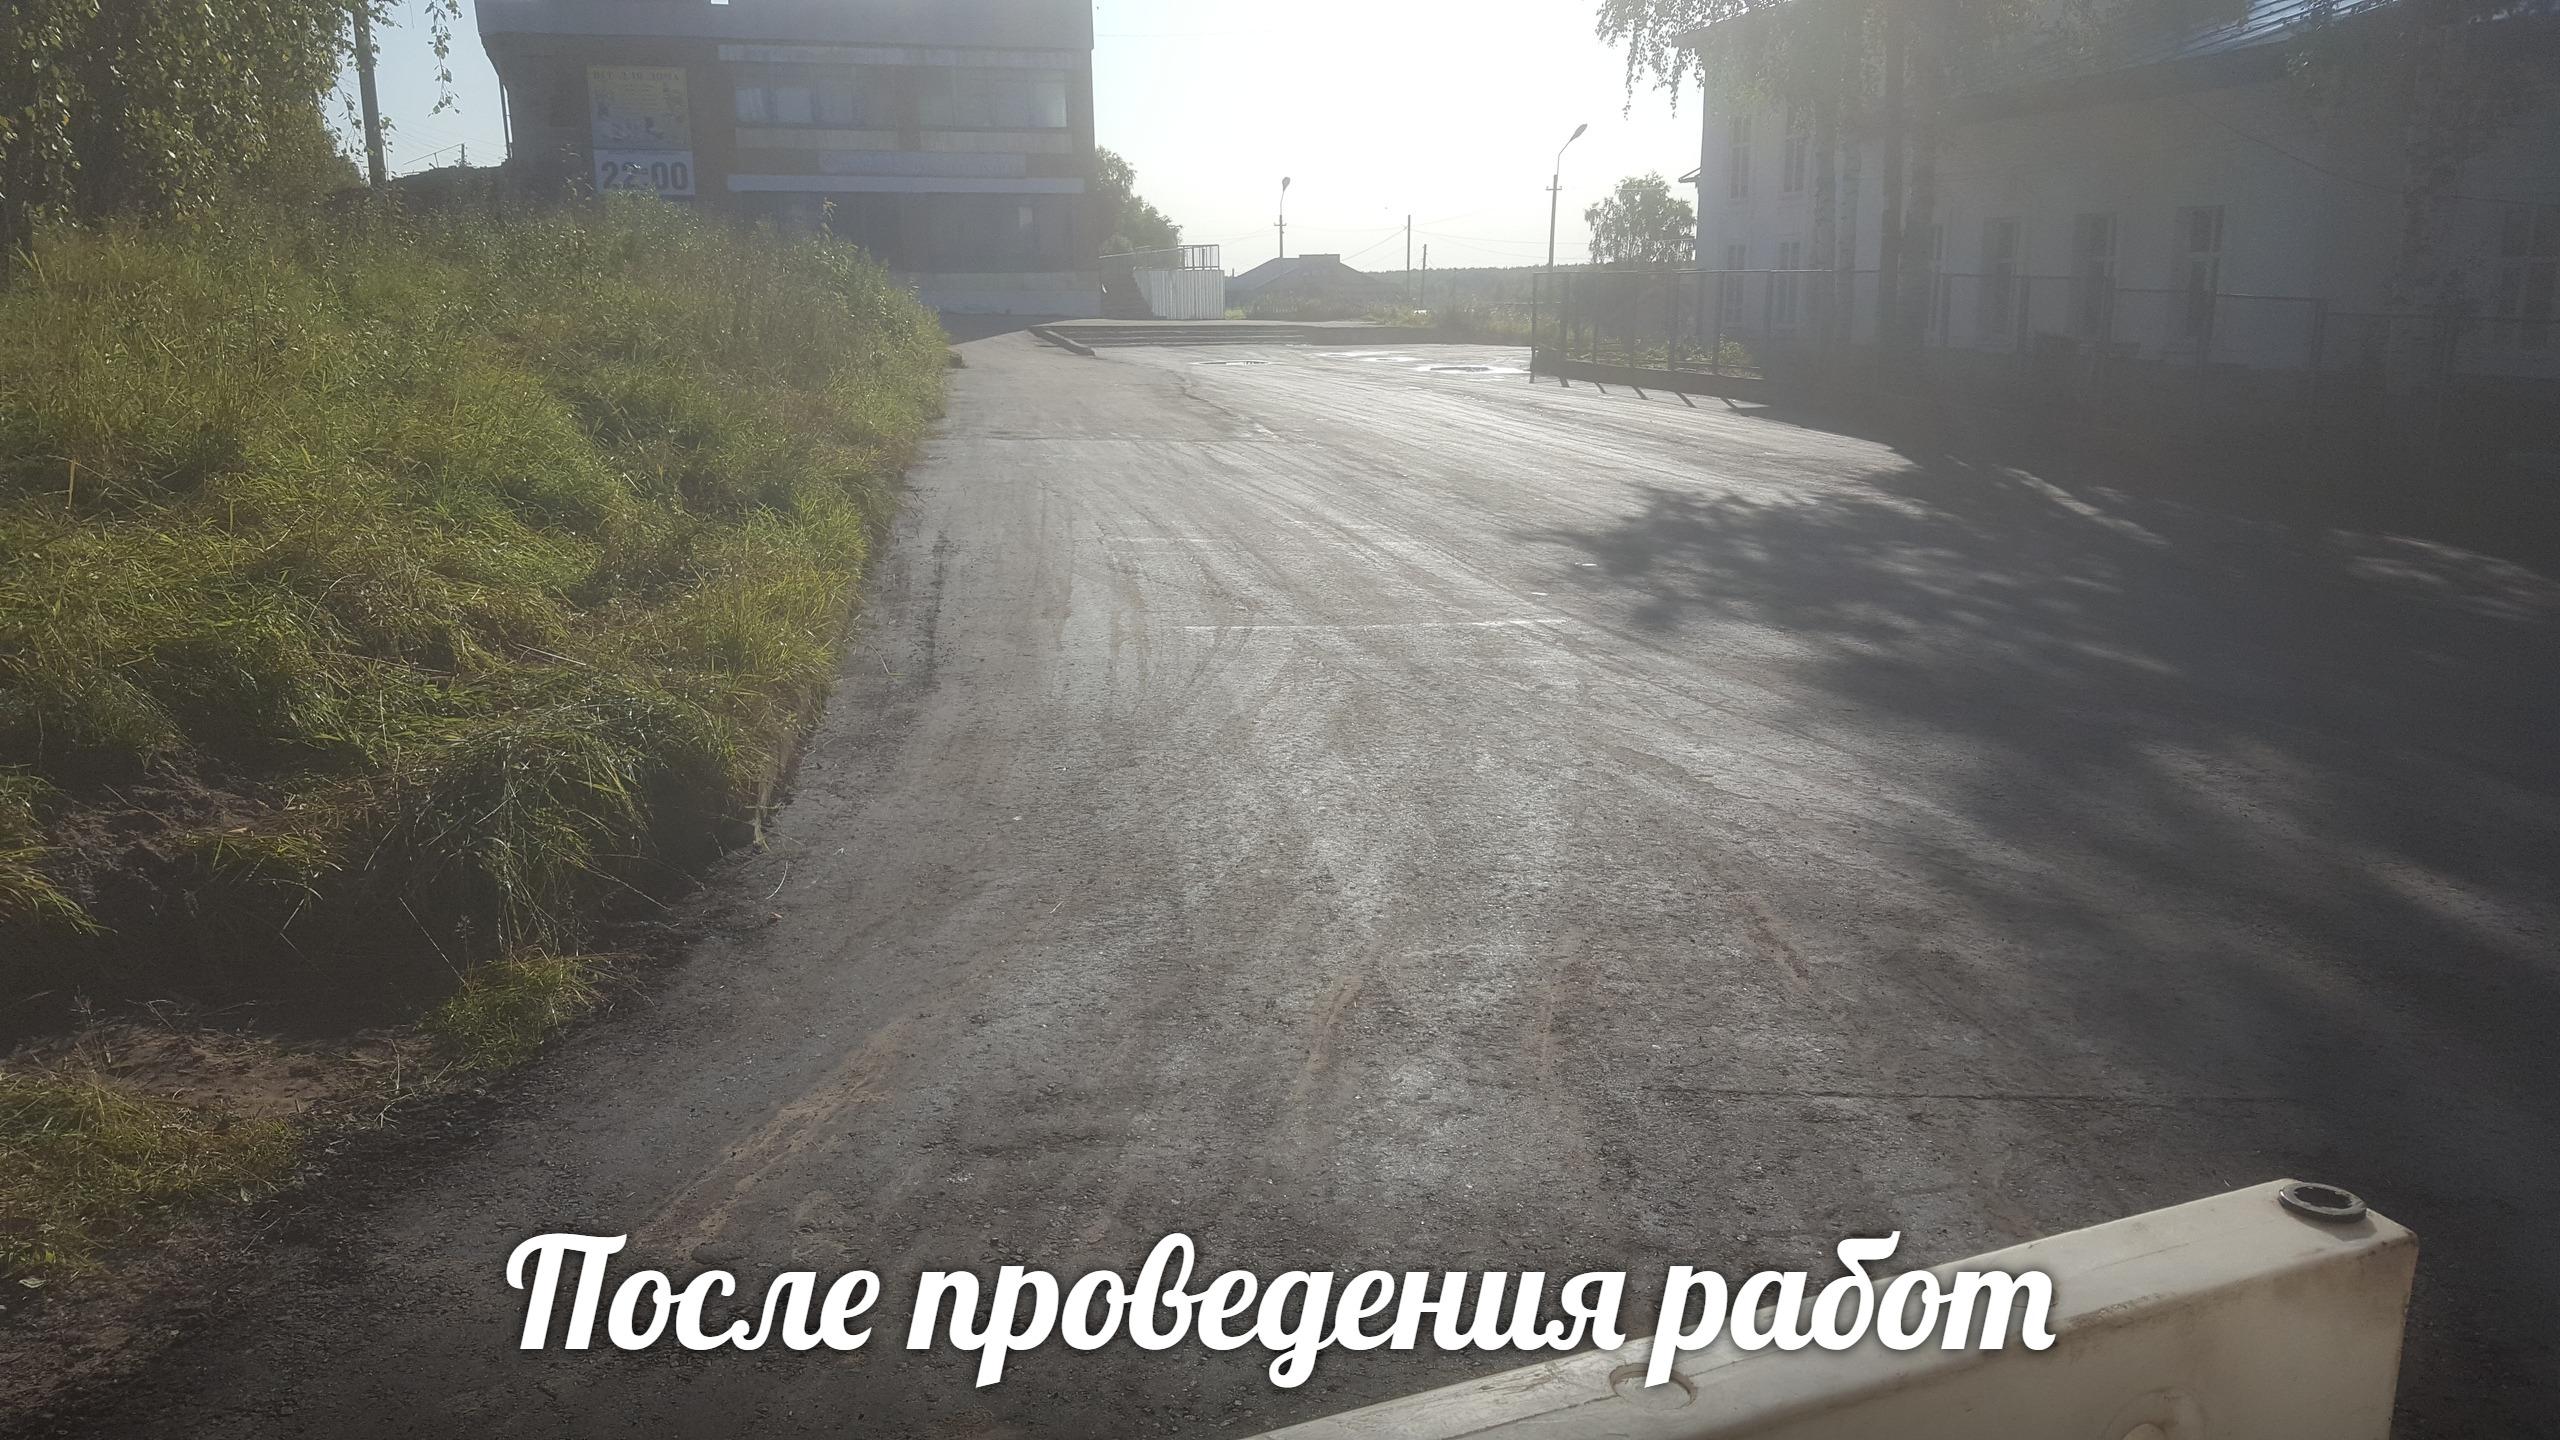 В Кослане проведены работы по асфальтированию общественной территории